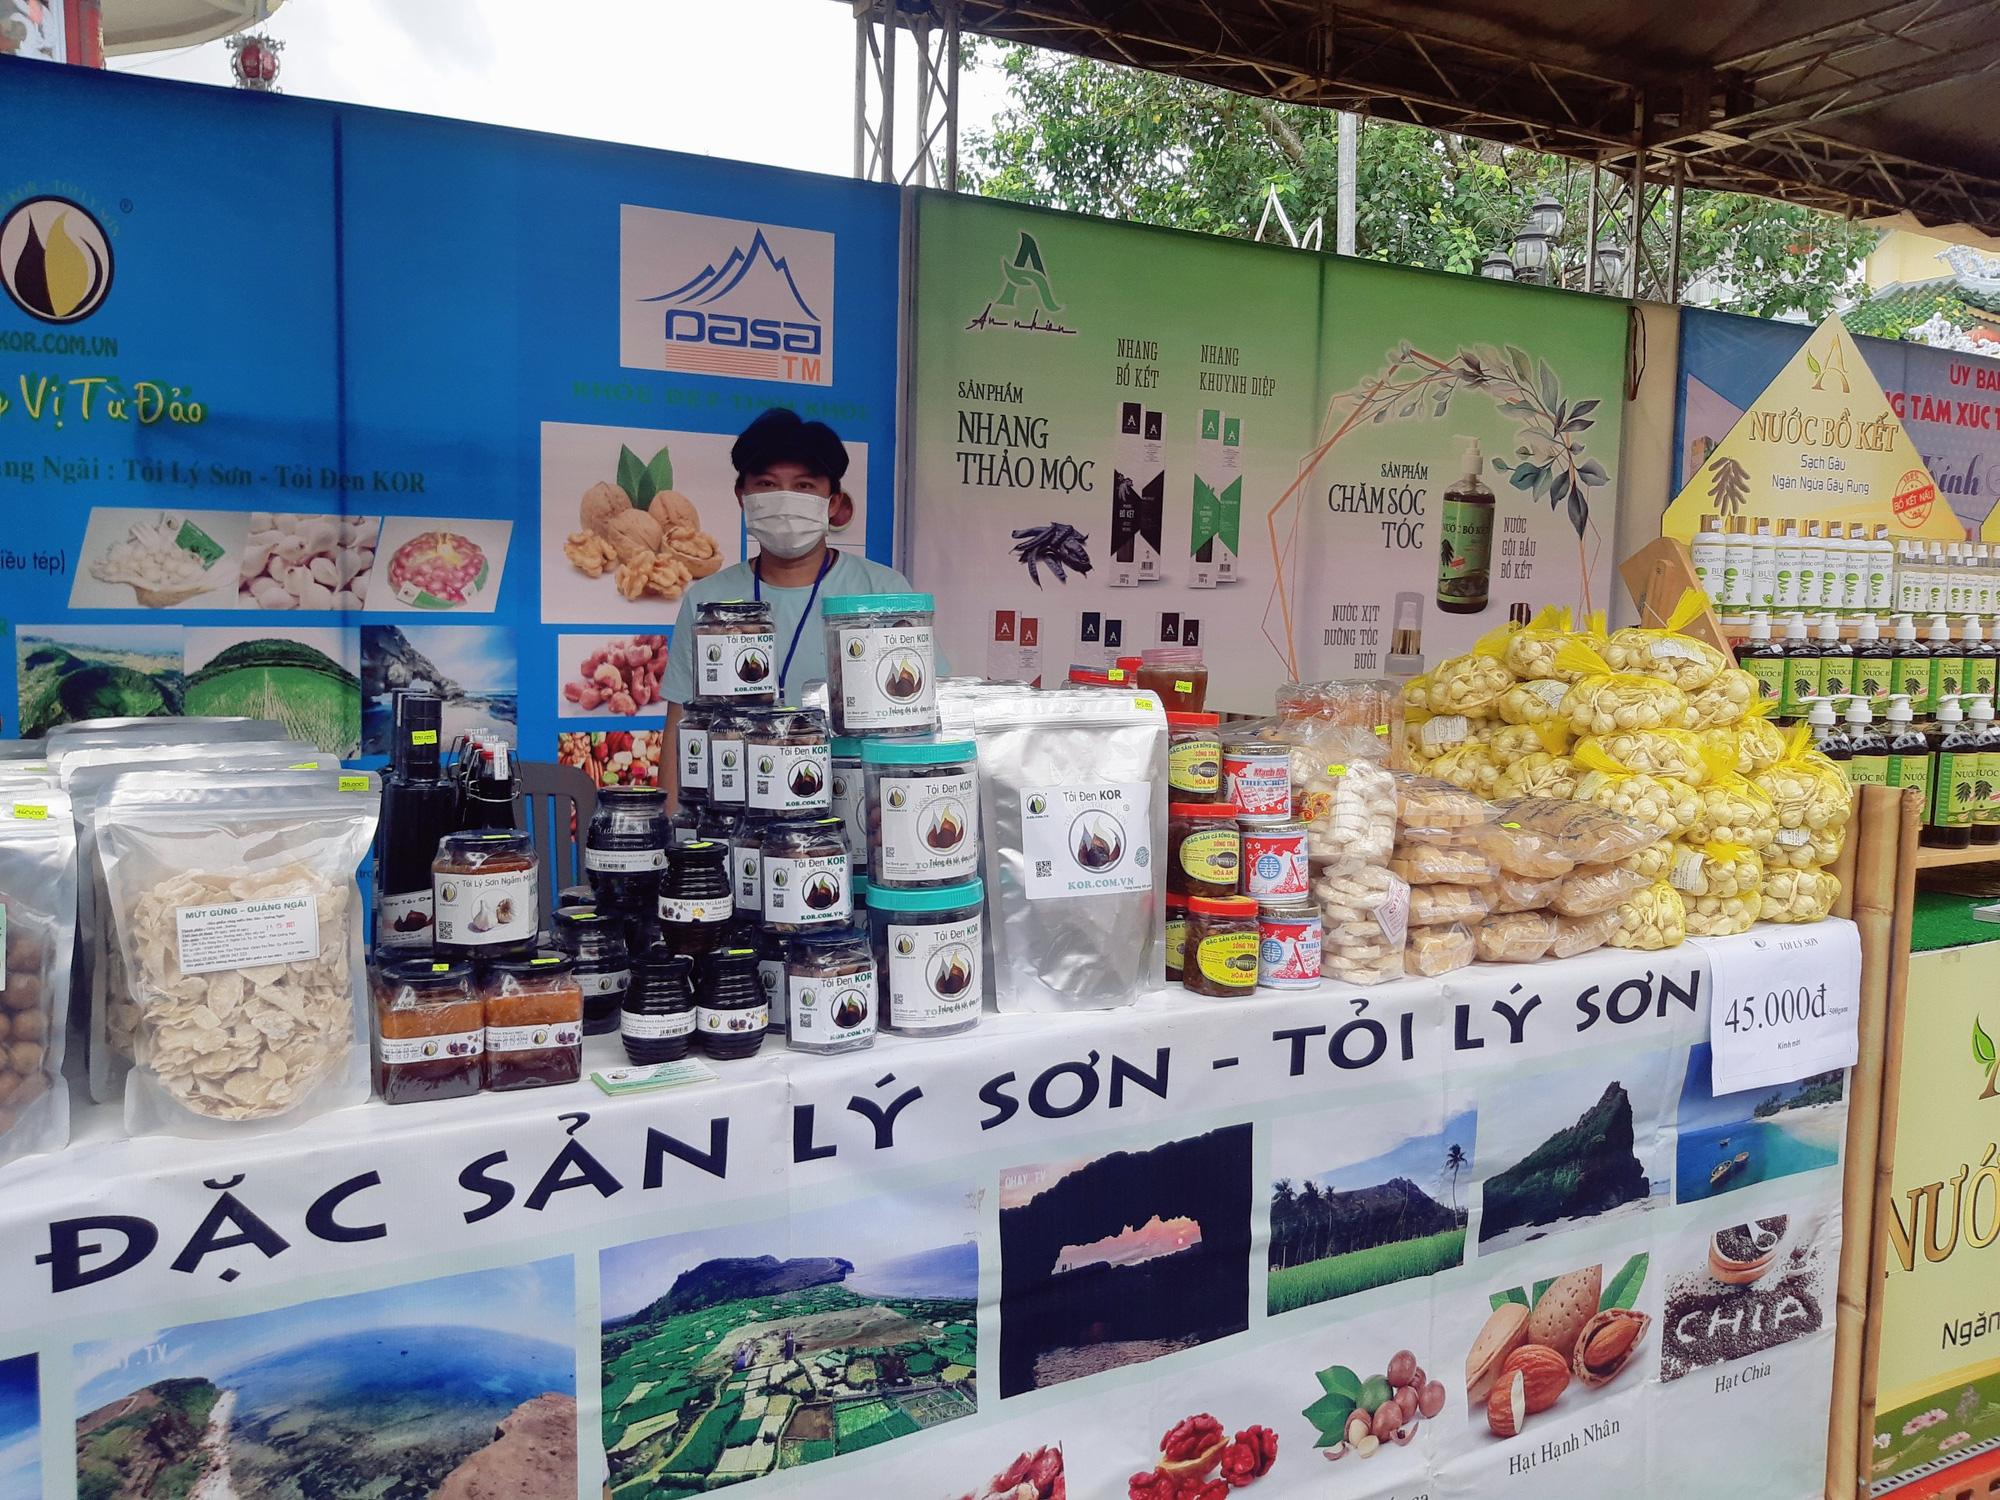 Sản phẩm OCOP 24 tỉnh, thành hội tụ tại Châu Đốc An Giang - Ảnh 9.